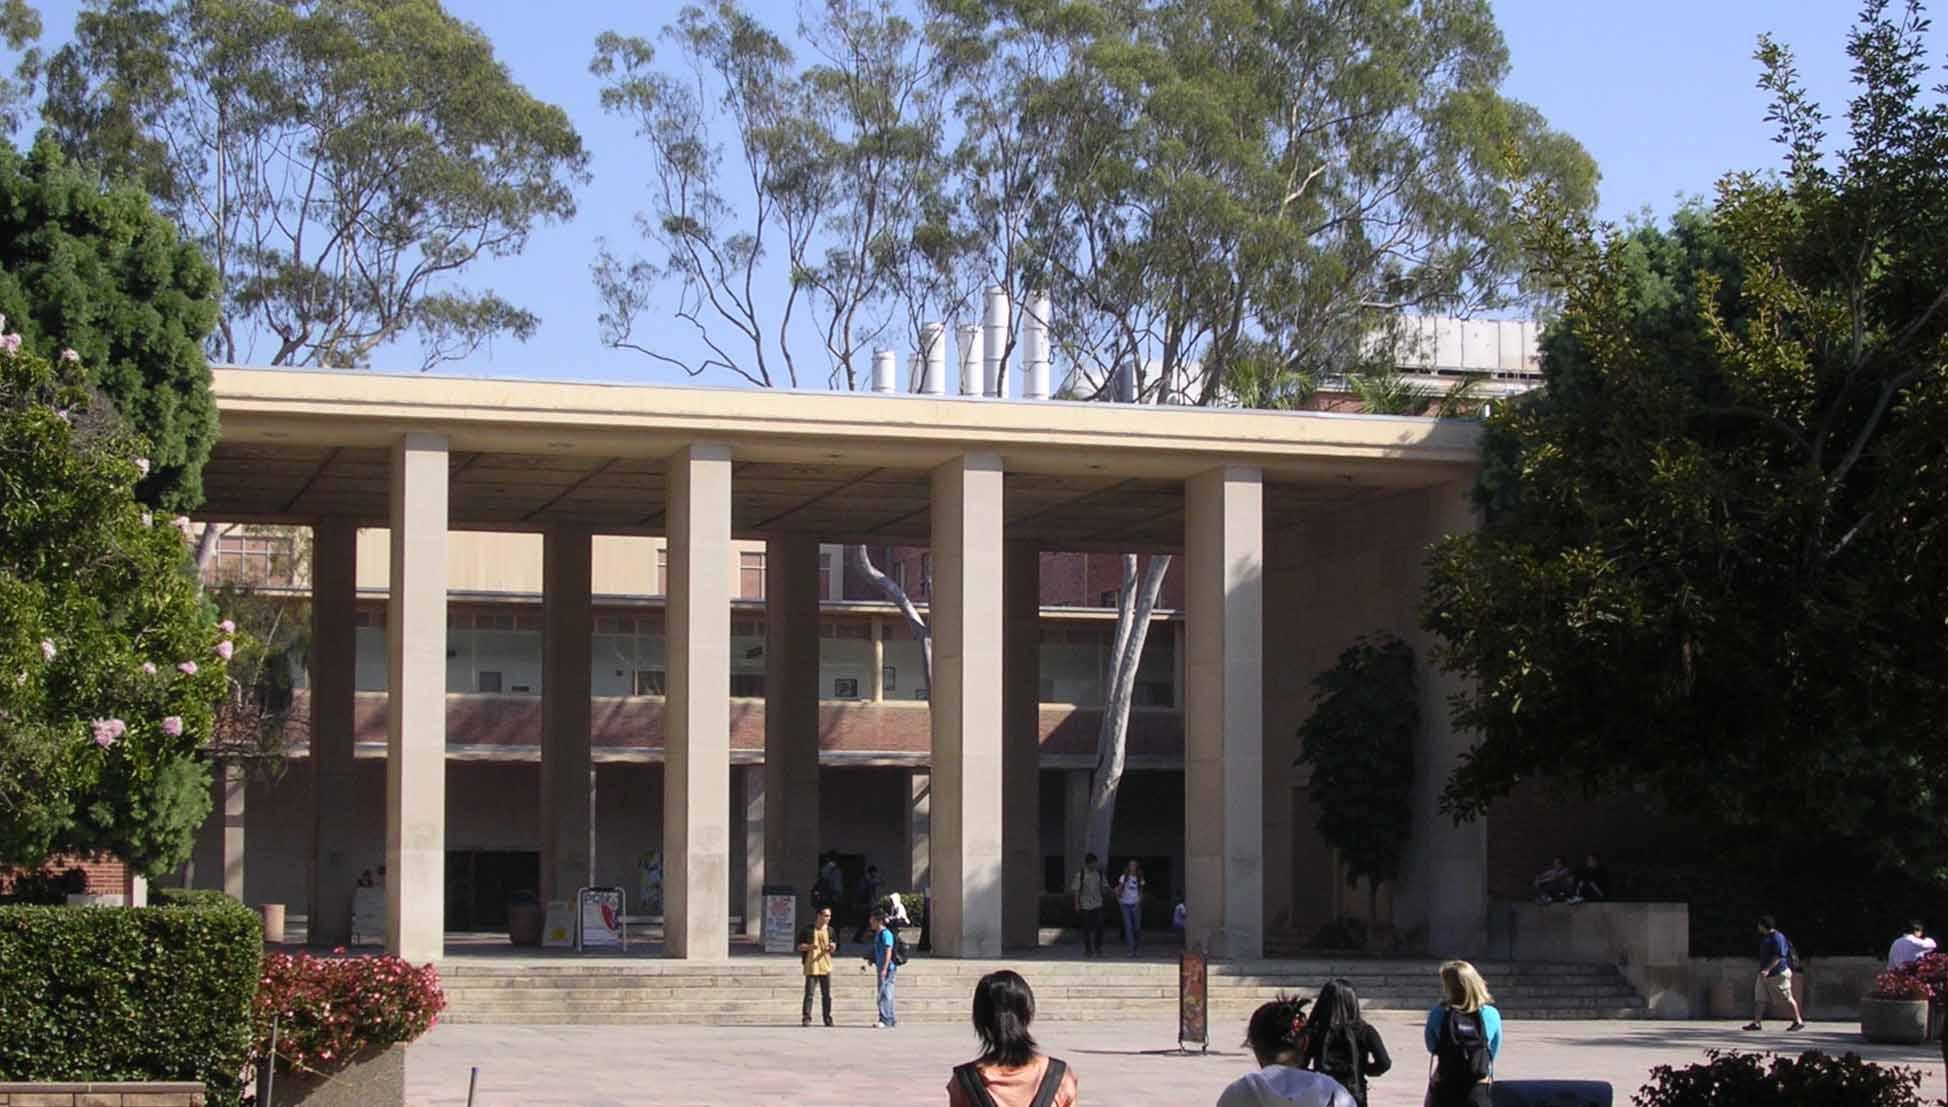 UCLA Young Hall